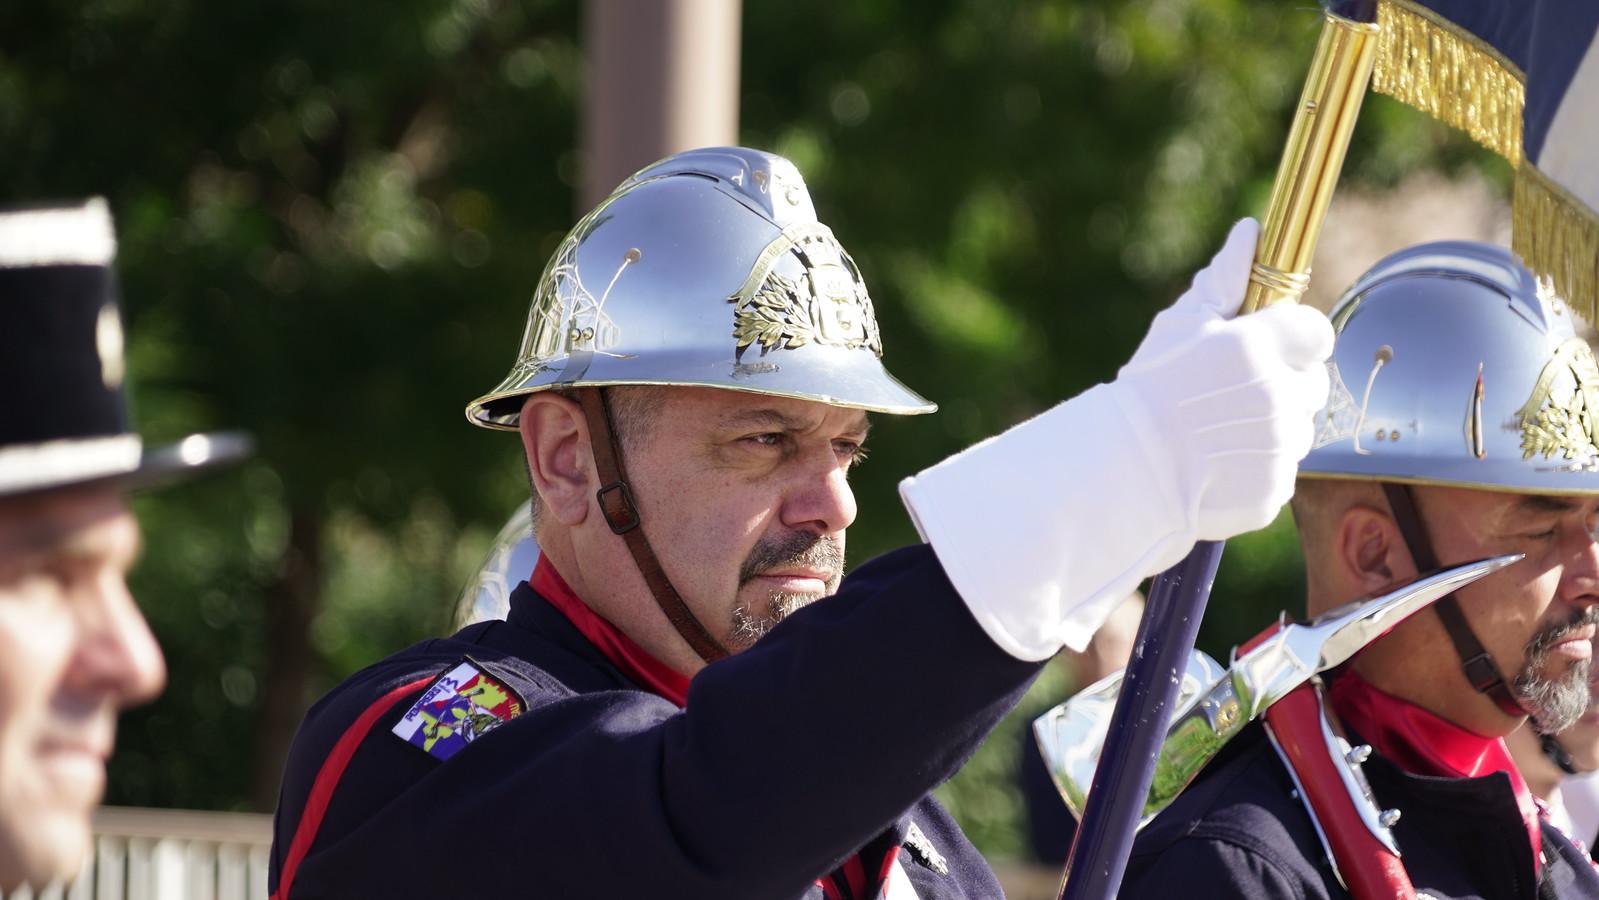 Vie du corps : honneur et retrouvailles à la Journée nationale des sapeurs-pompiers